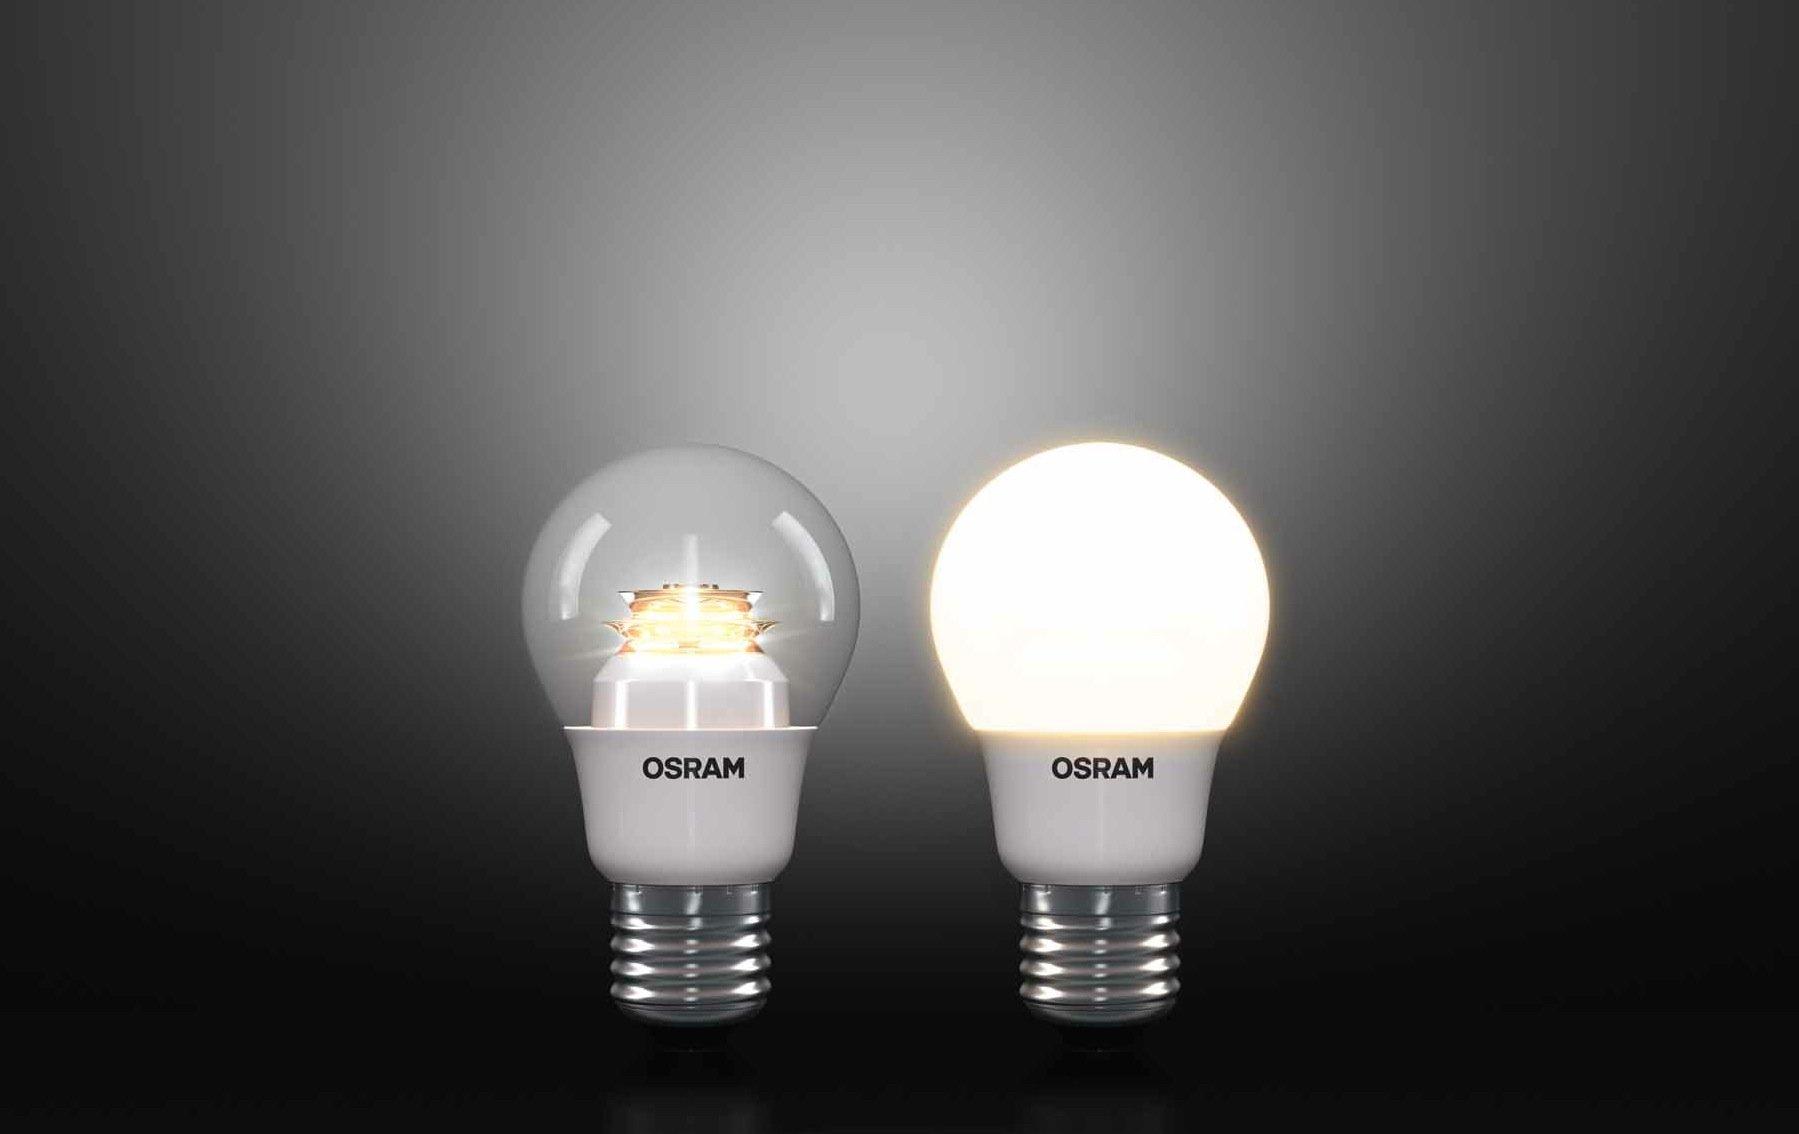 Osram-Leuchten auf LED-Basis: Die Langlebigkeit von LED-Leuchten und die Konkurrenz aus Asien machen dem Unternehmen zu schaffen.